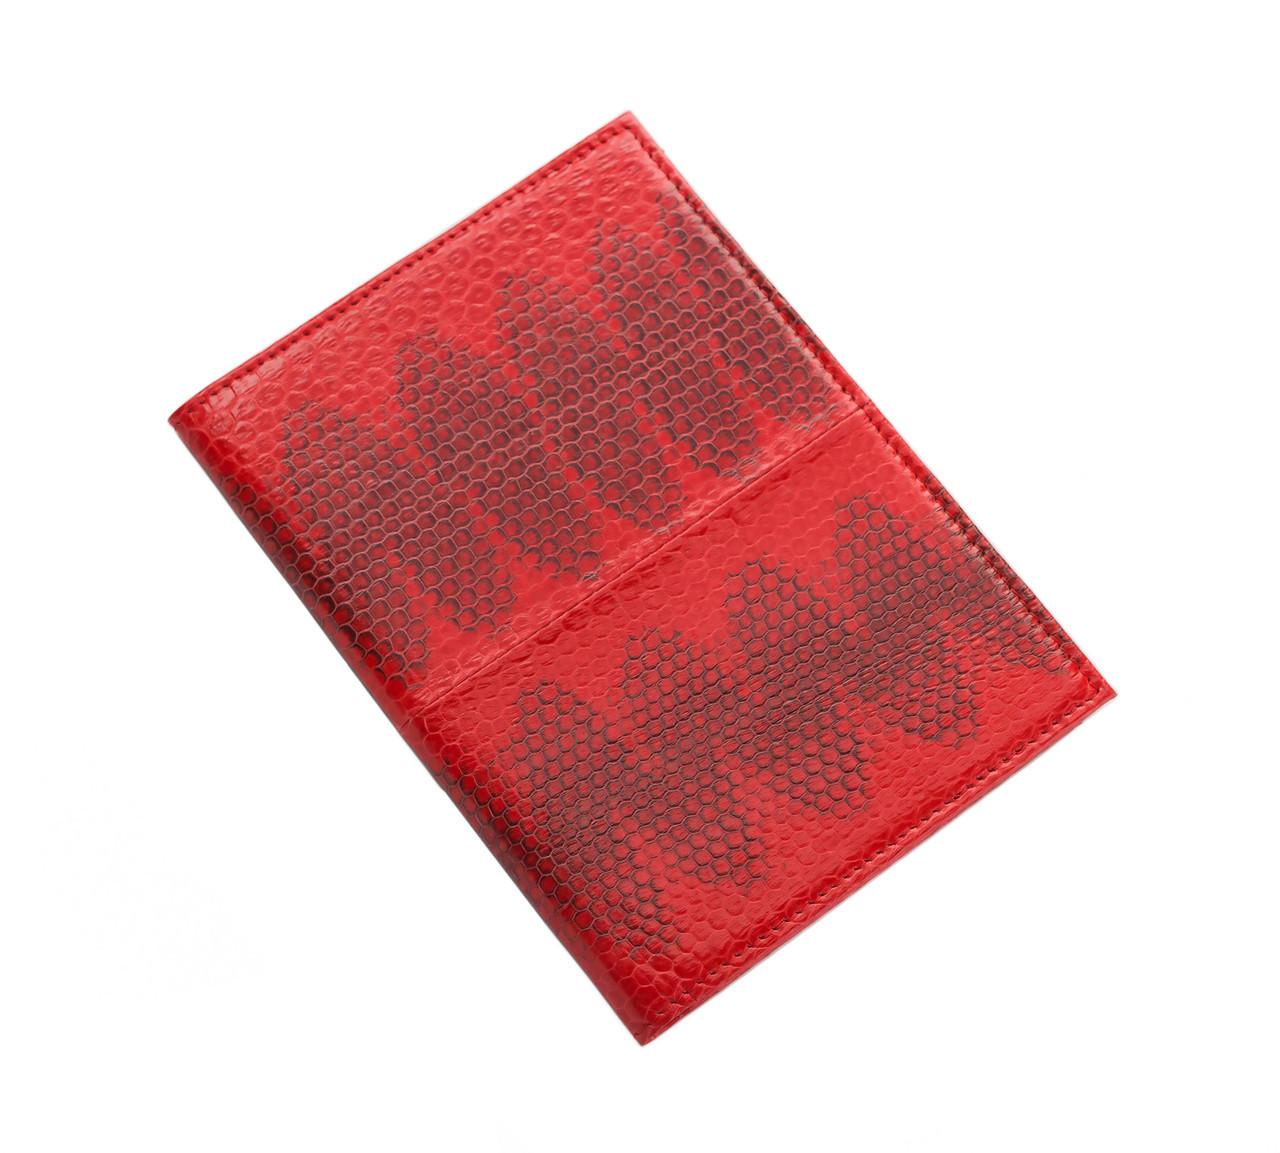 Обложка для паспорта Ekzotic leather Красная (snp01_5)